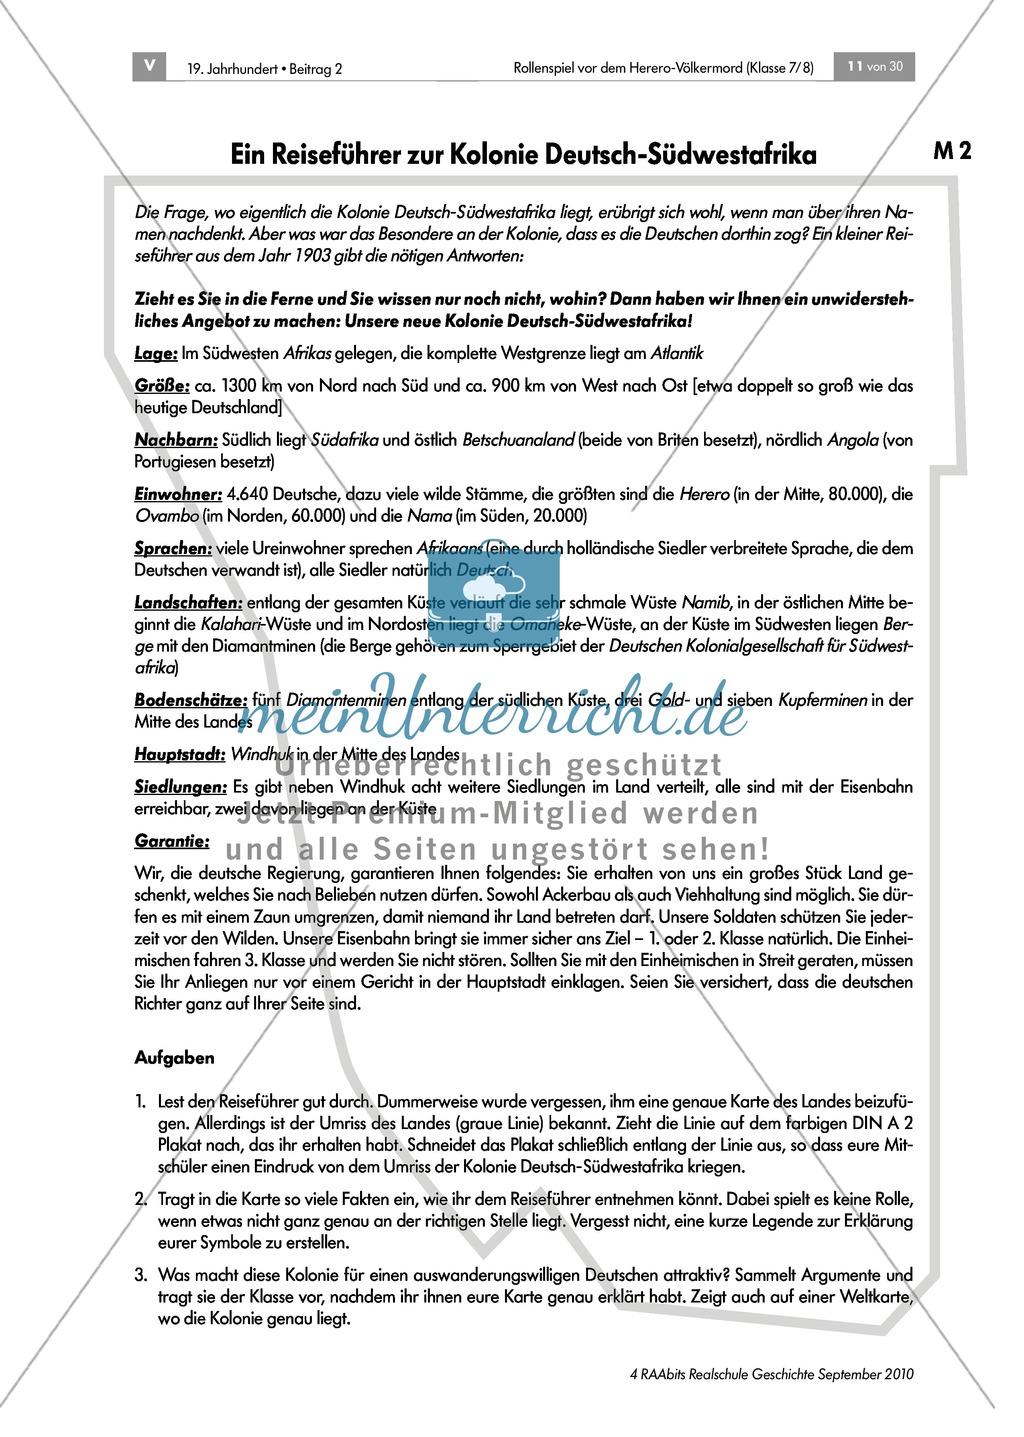 Deutsche Kolonialherren und afrikanische Ureinwohner: Die Geschichte der Kolonie Deutsch-Südwestafrika in Gruppen erarbeiten und als Puzzle zusammensetzen und präsentieren Preview 1